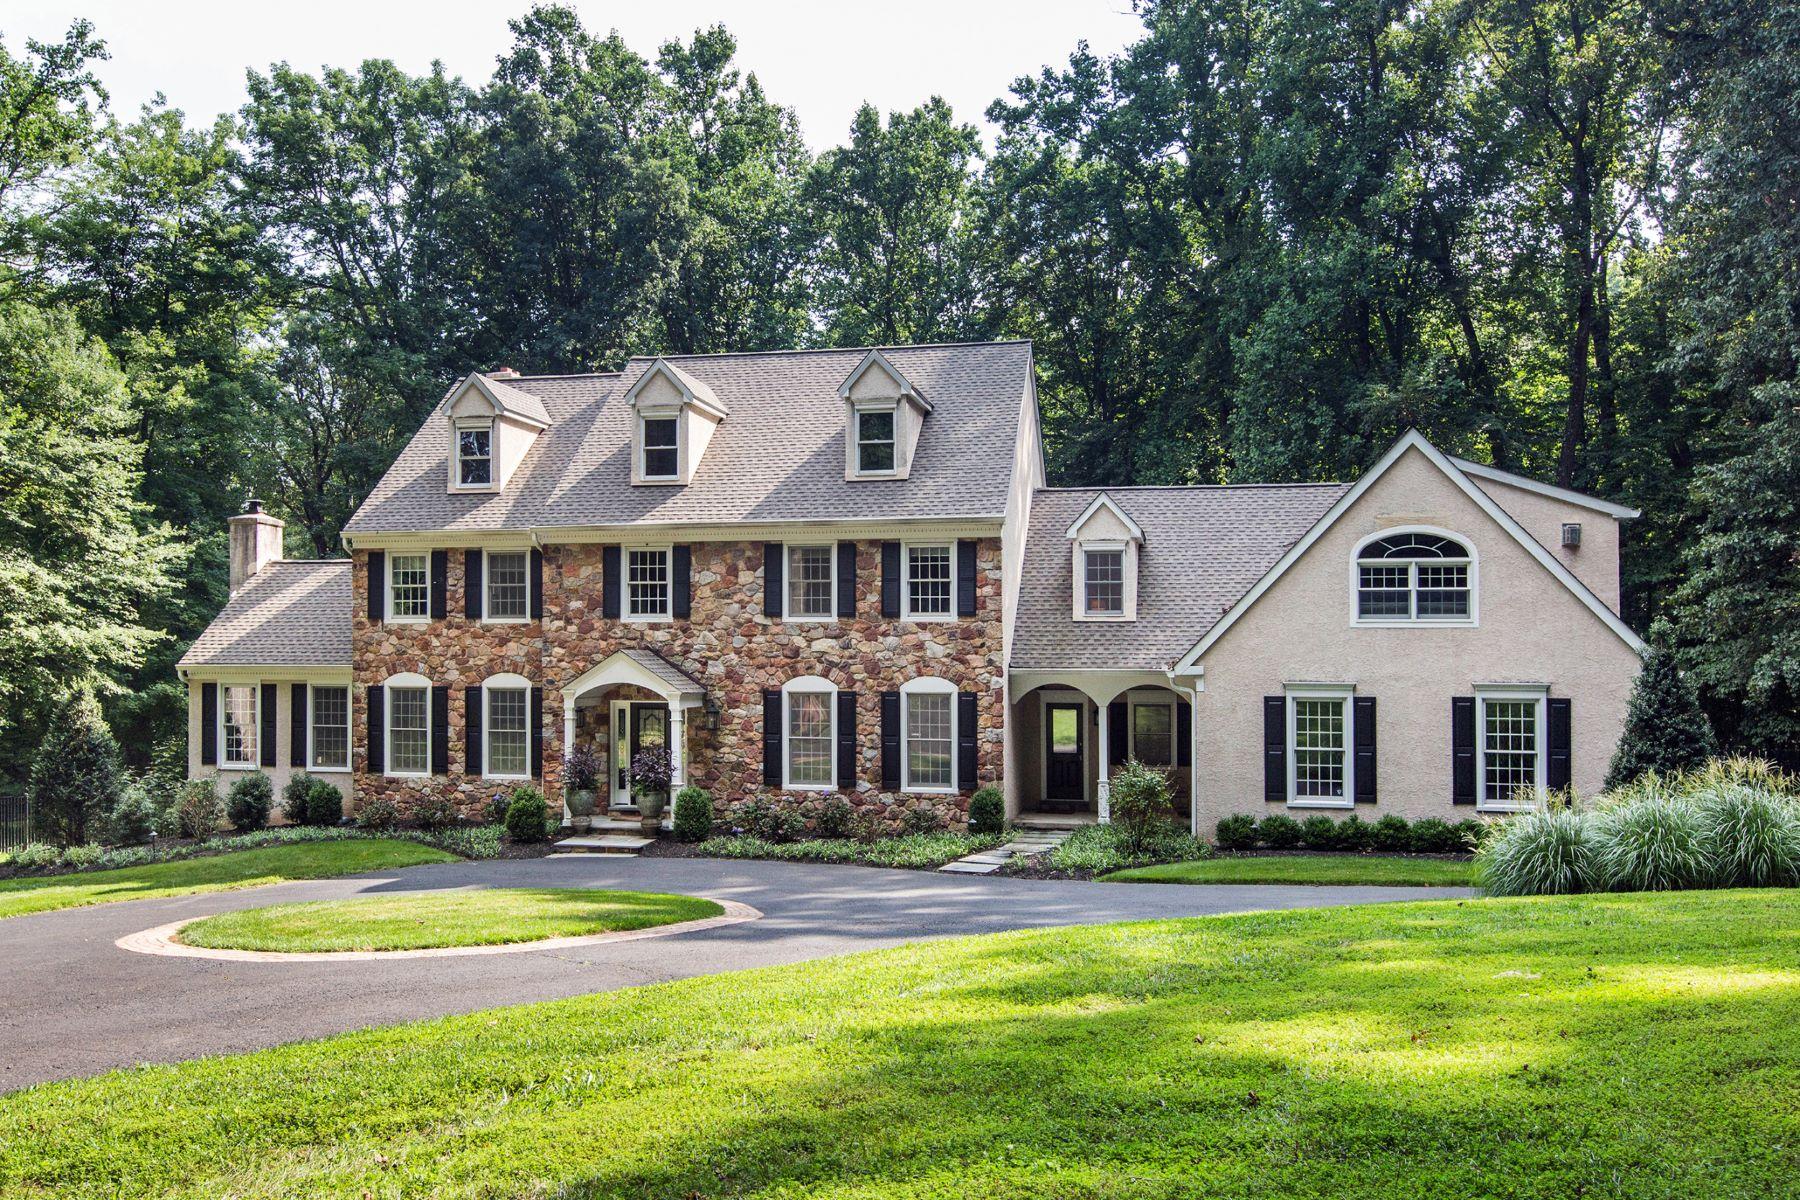 Maison unifamiliale pour l Vente à Refined & Rustic 2980 ASH MILL RD Doylestown, Pennsylvanie, 18902 États-Unis